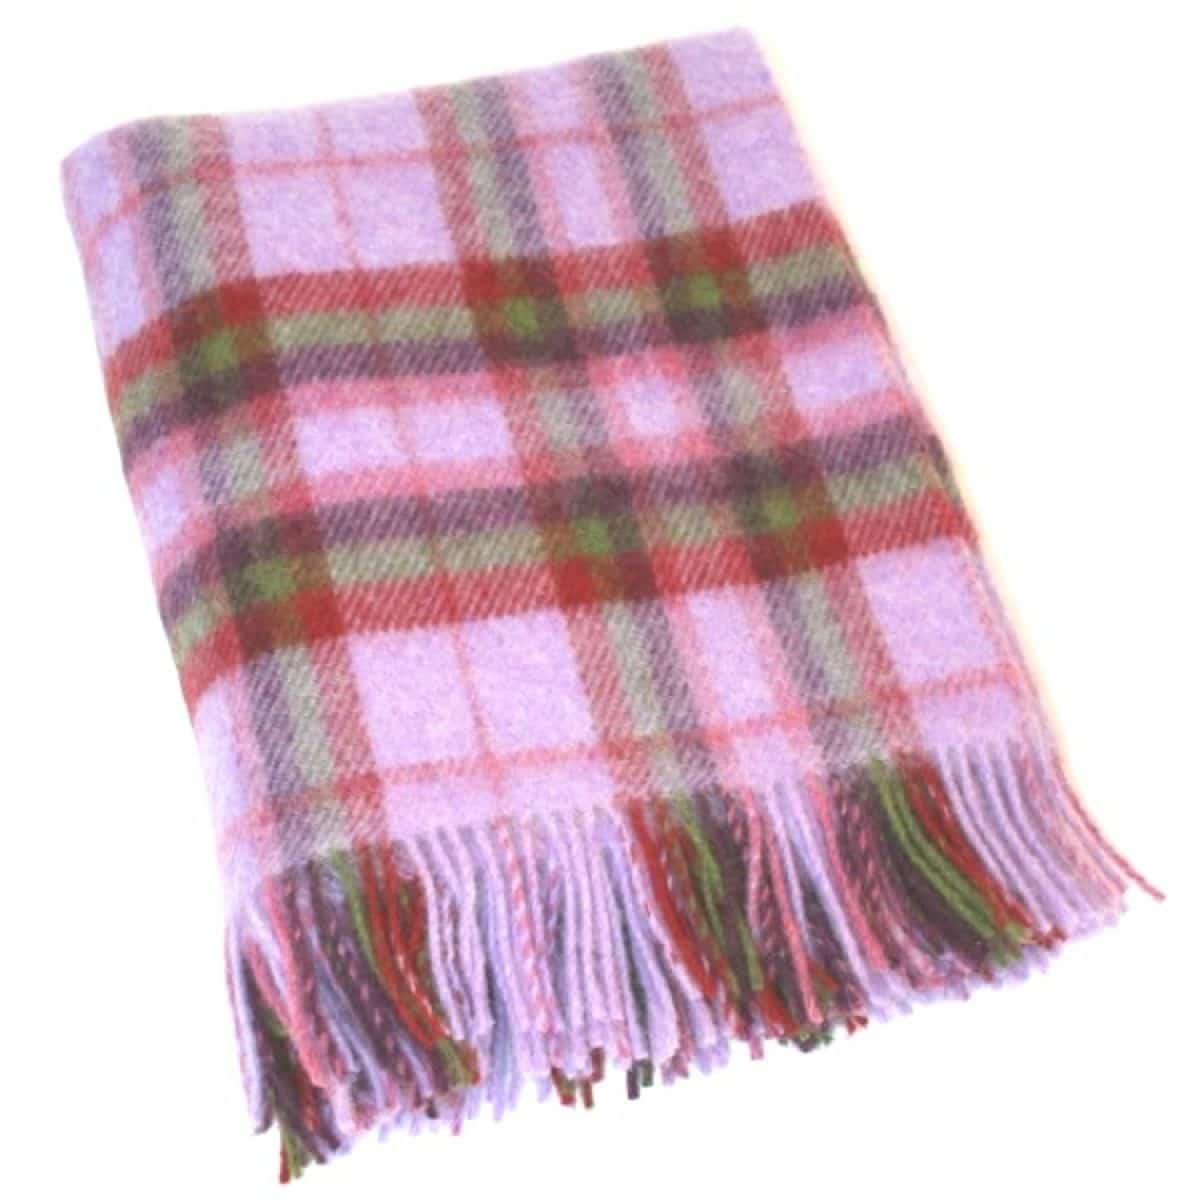 Wool Blanket - Summer Fizz